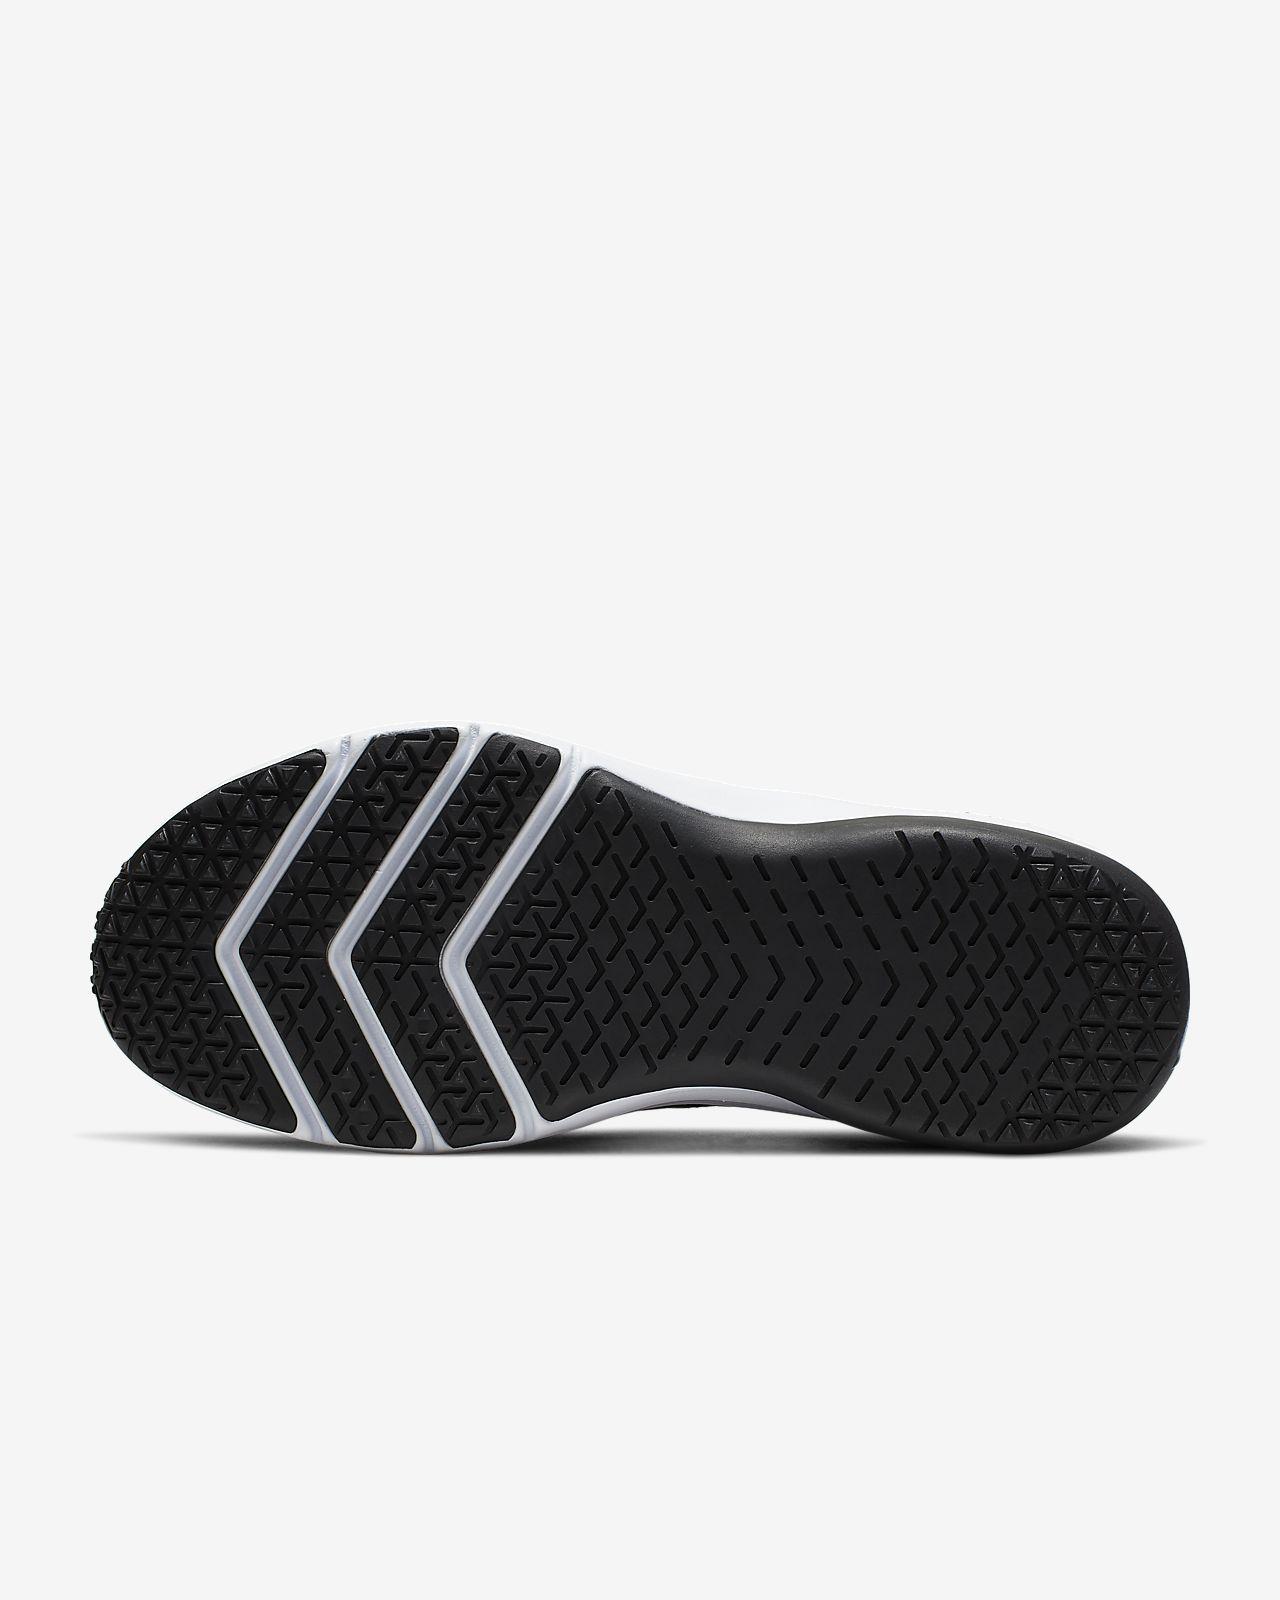 5de5b4b4fda94 Nike Air Zoom Fearless Flyknit 2 Women s Gym Training Boxing Shoe ...